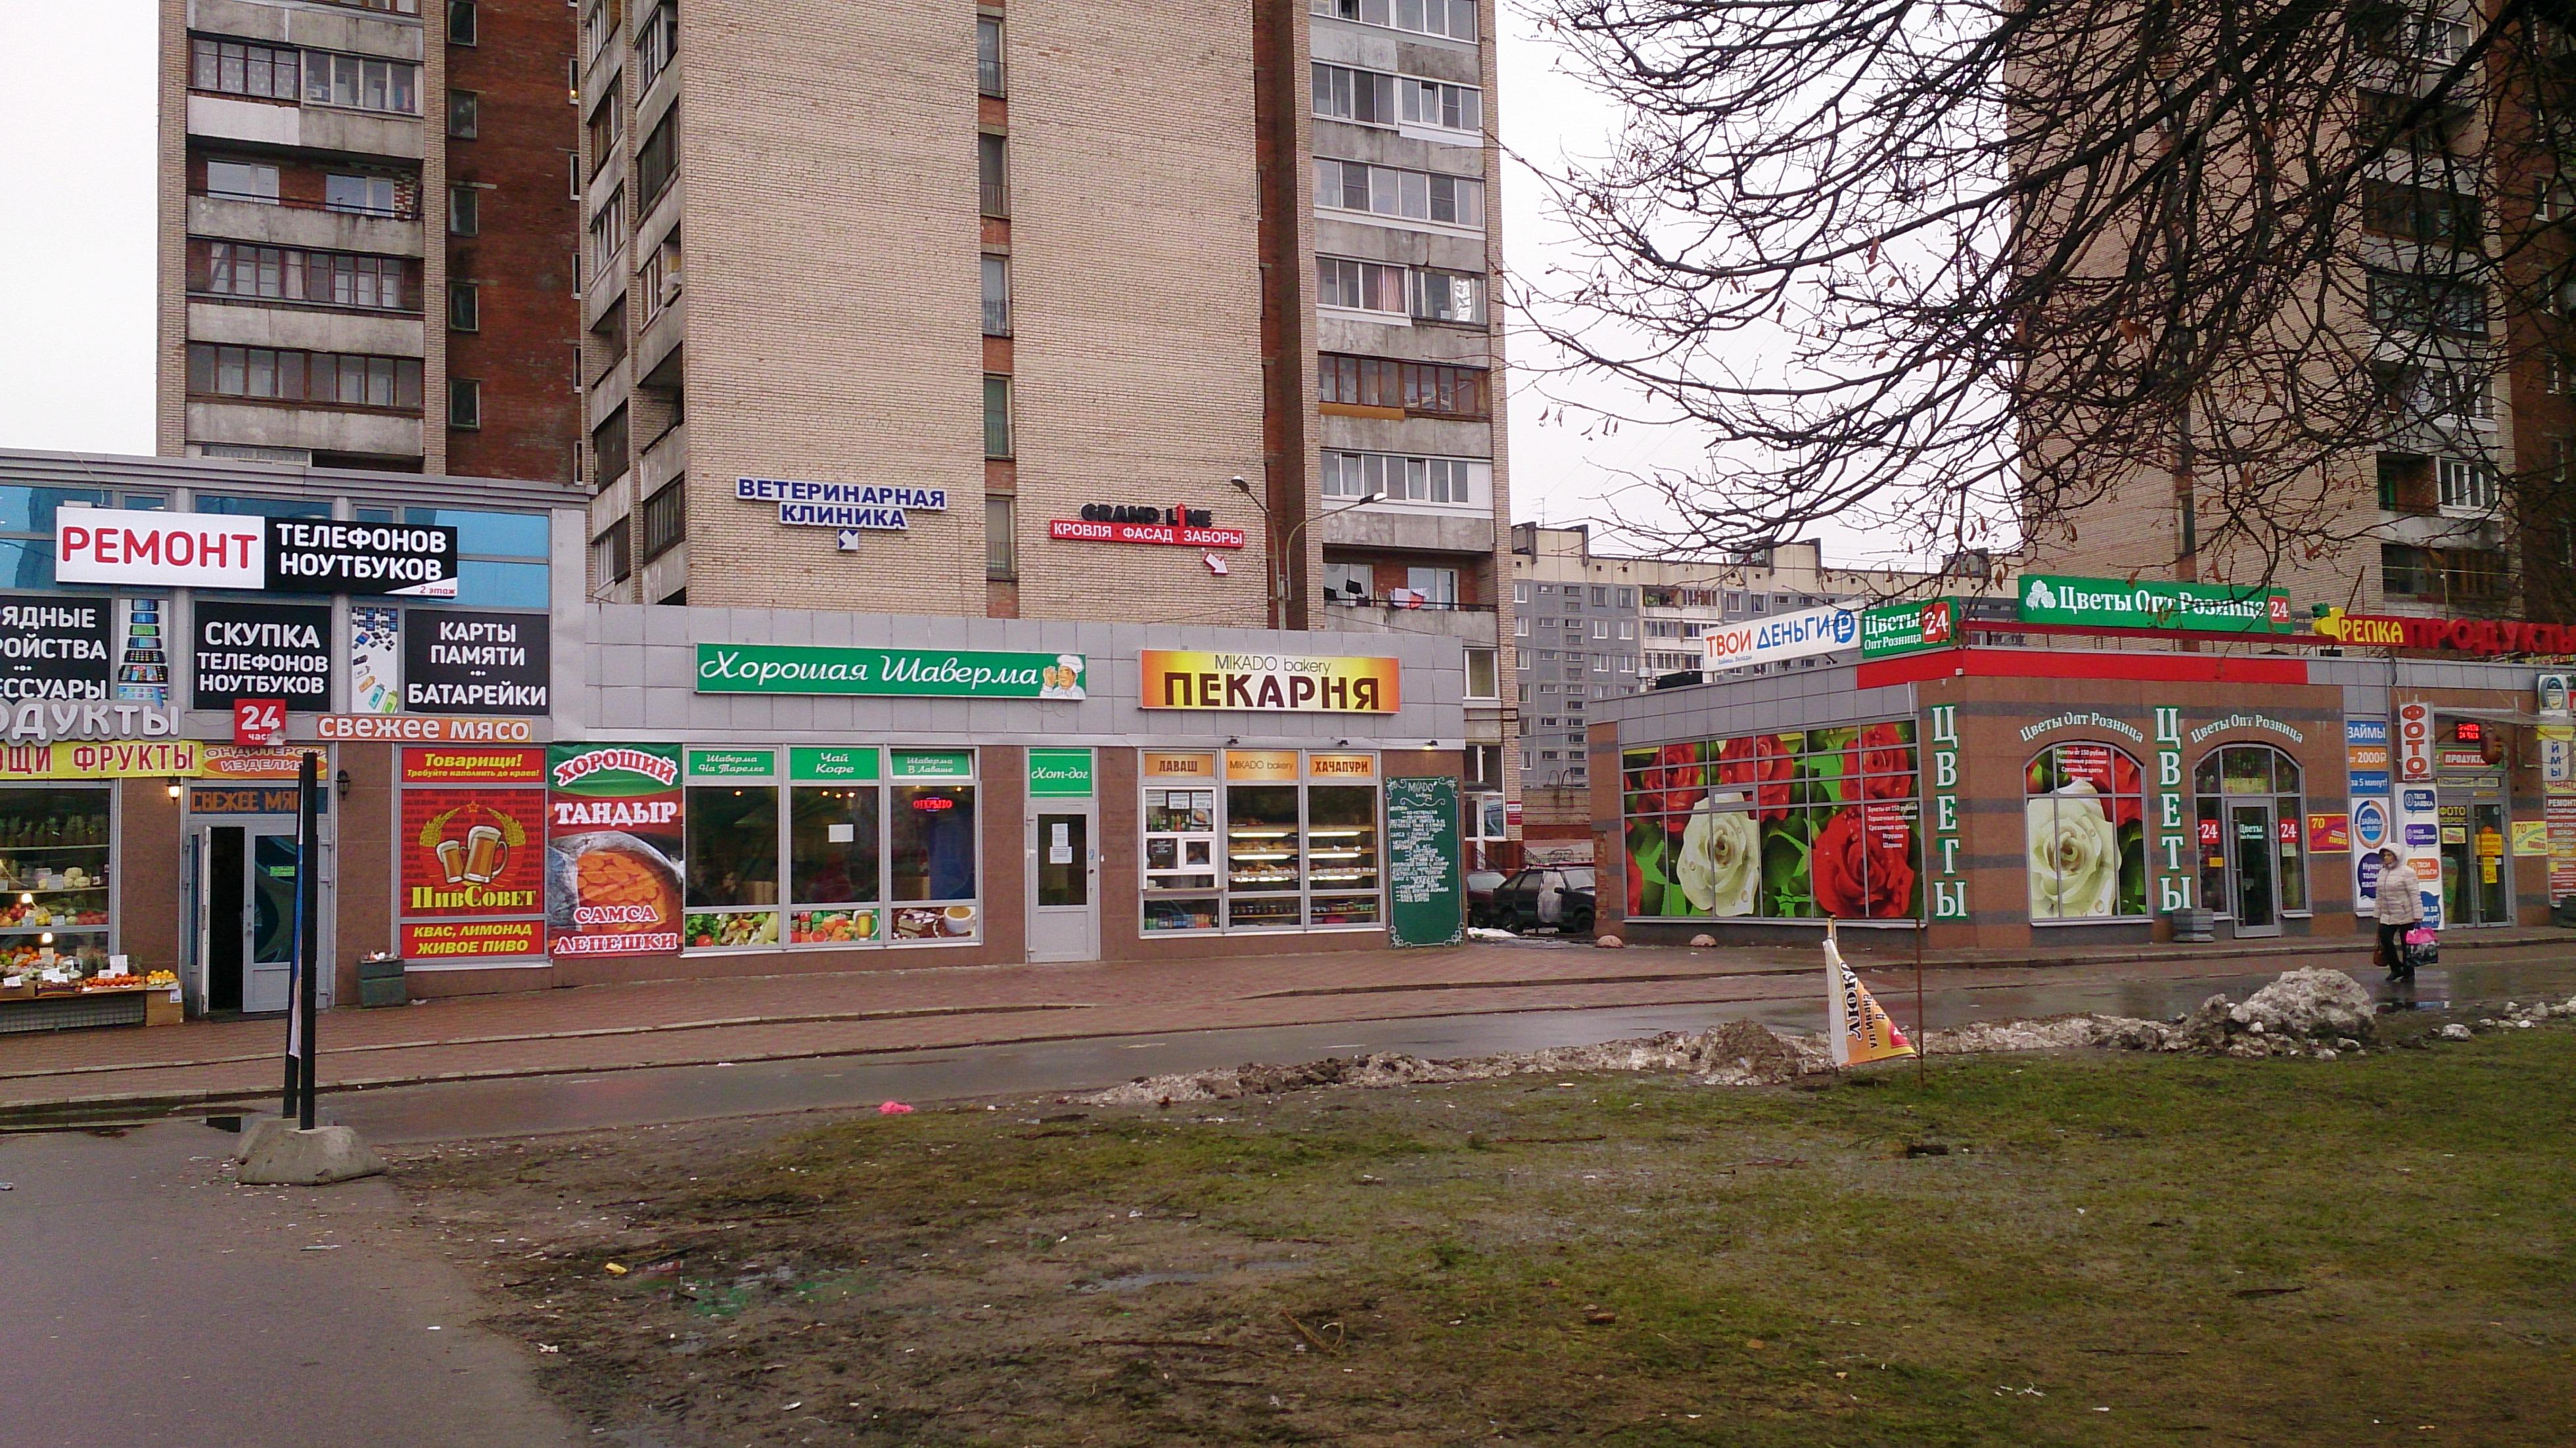 витебск ул. текстильщиков 6 схема проезда